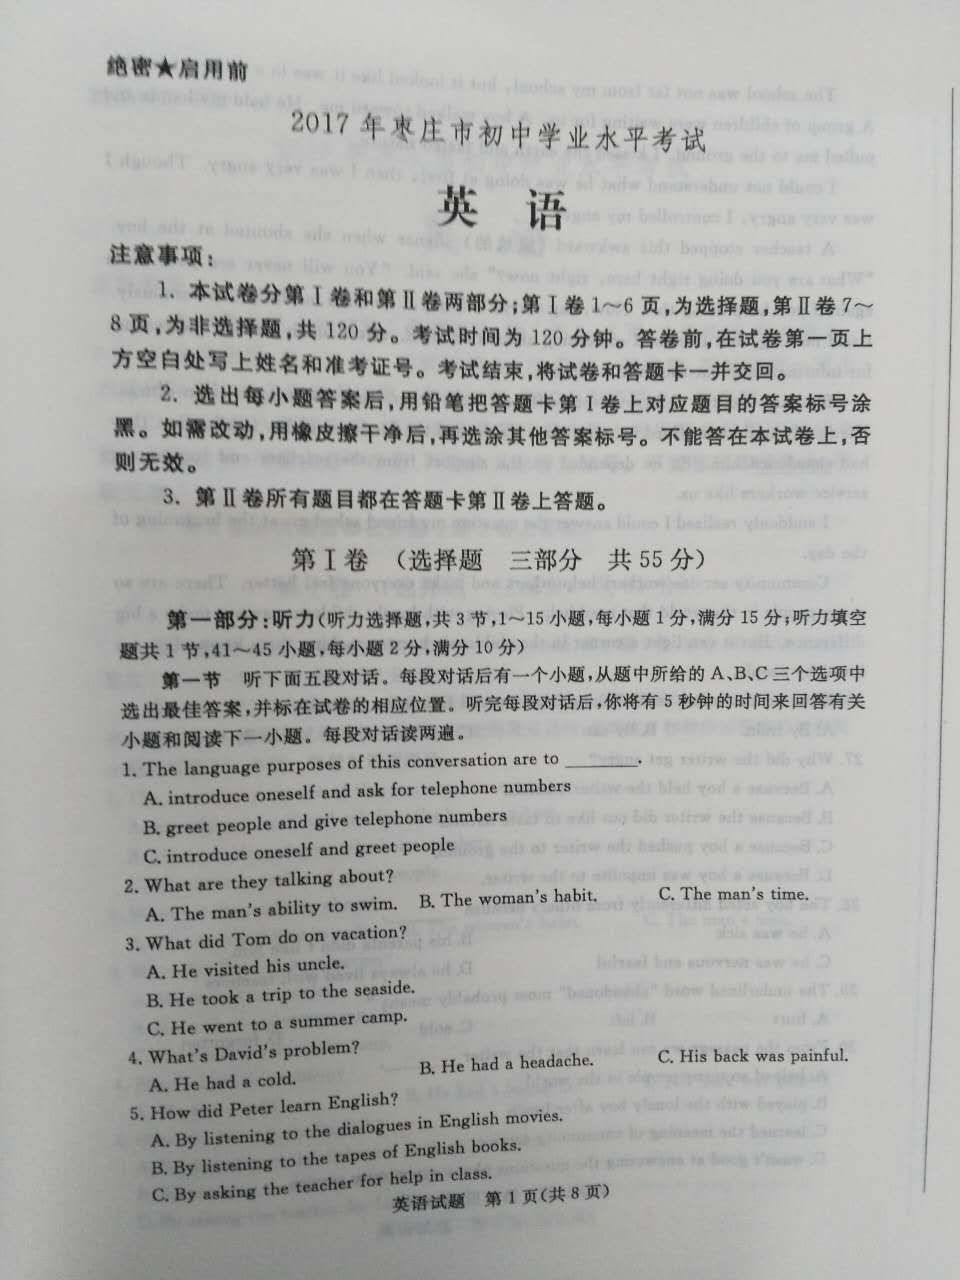 2017枣庄中考英语试题及答案解析(图片版含答案)